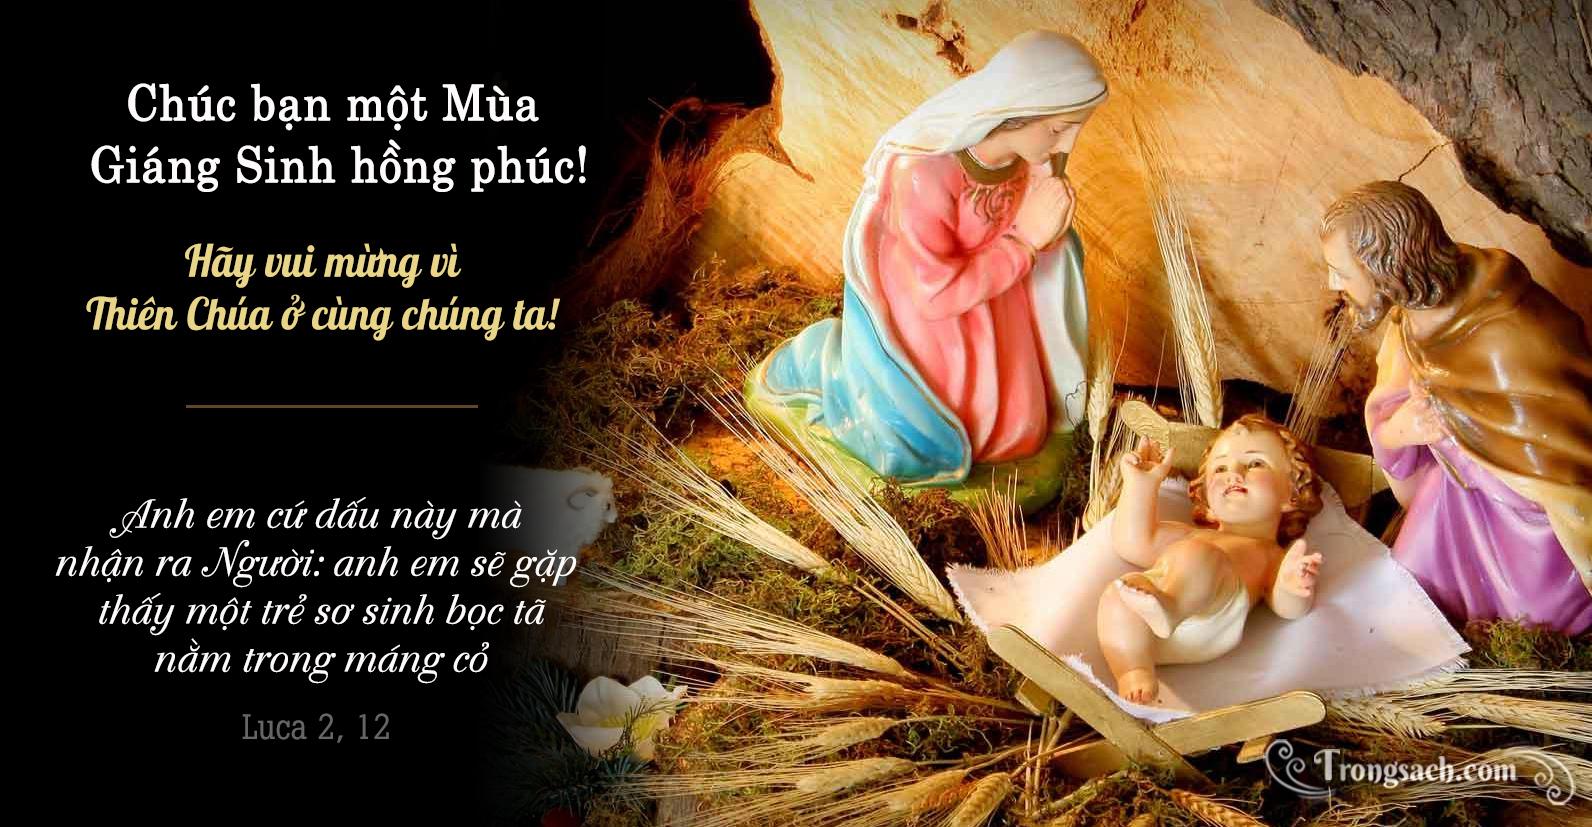 Hãy vui mừng vì Thiên Chúa ở cùng chúng ta